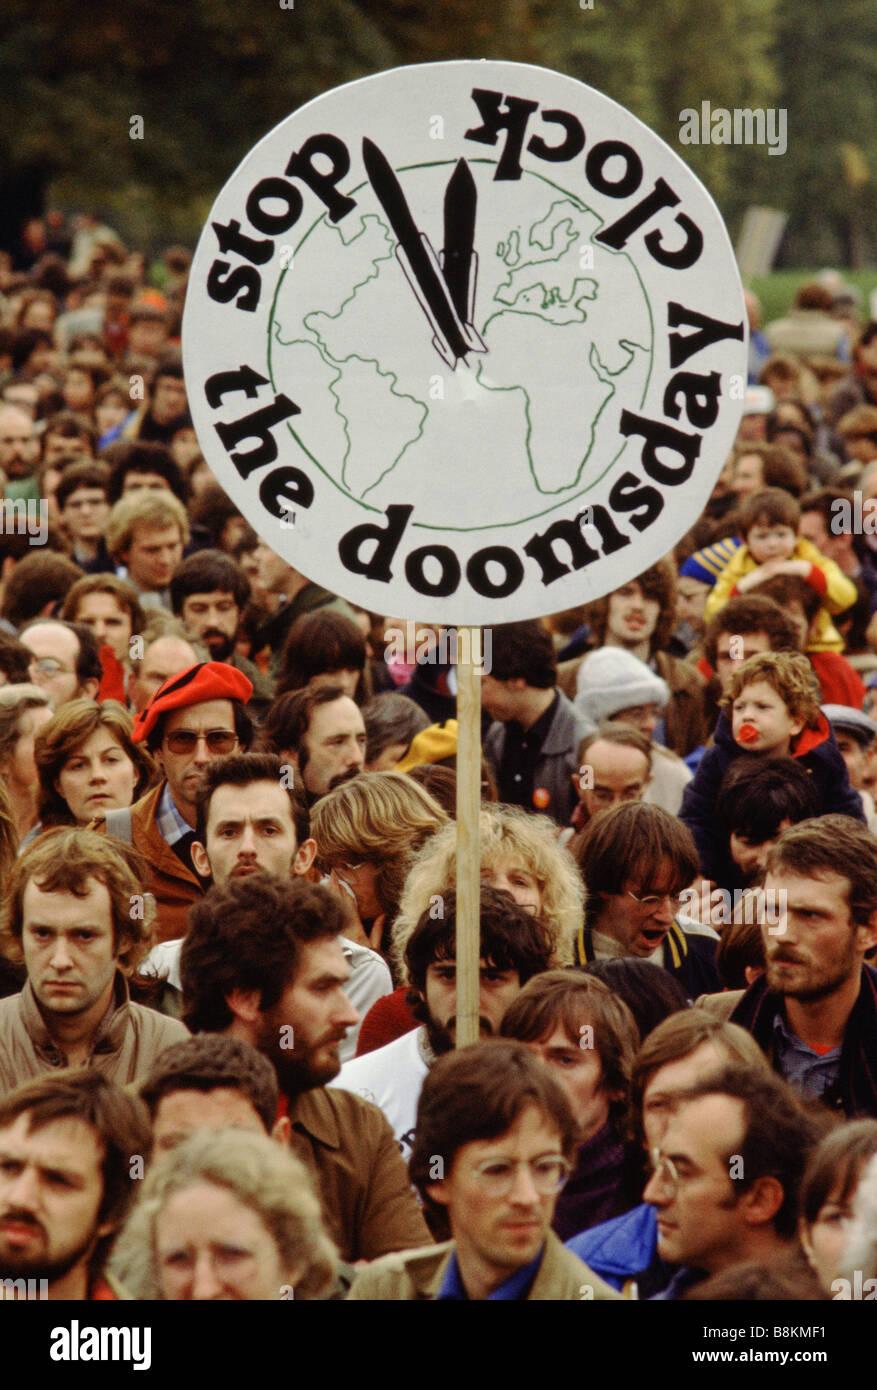 Londres, Reino Unido el 24 de octubre de 1981 Multitudes en una demostración de la CND. Una pancarta que dice Imagen De Stock